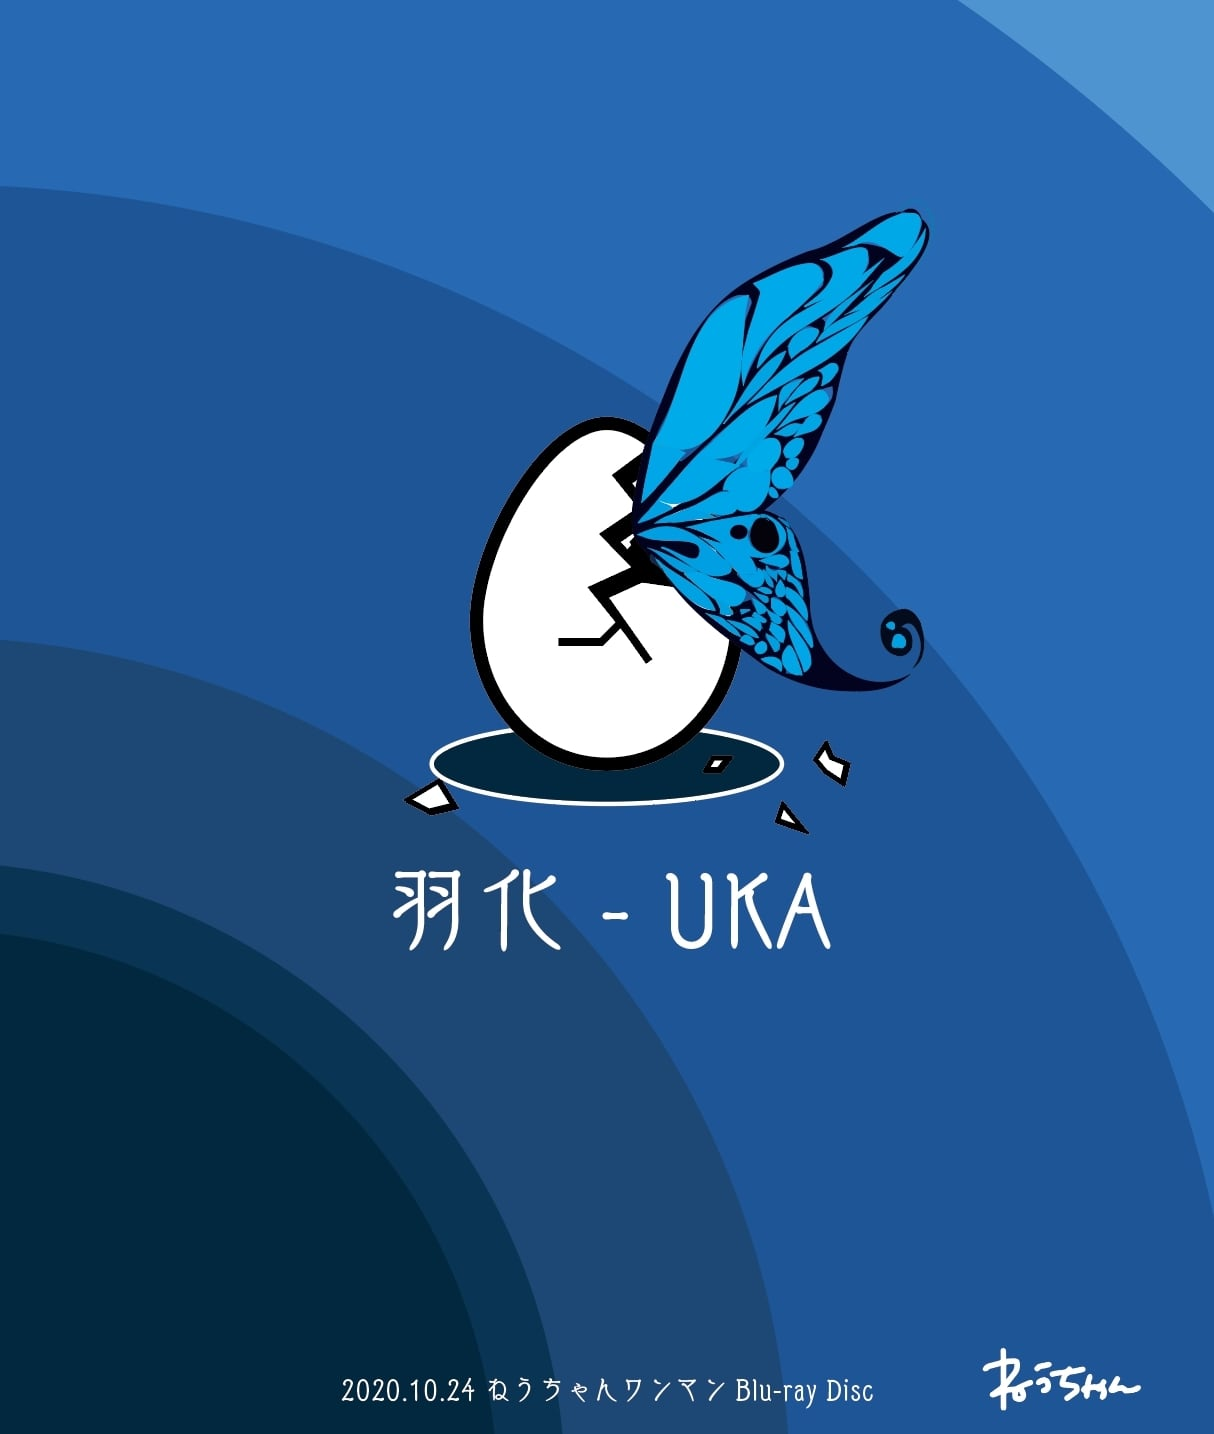 ねうちゃん 2020年10月24日ワンマン「羽化-UKA」Blue-ray disc